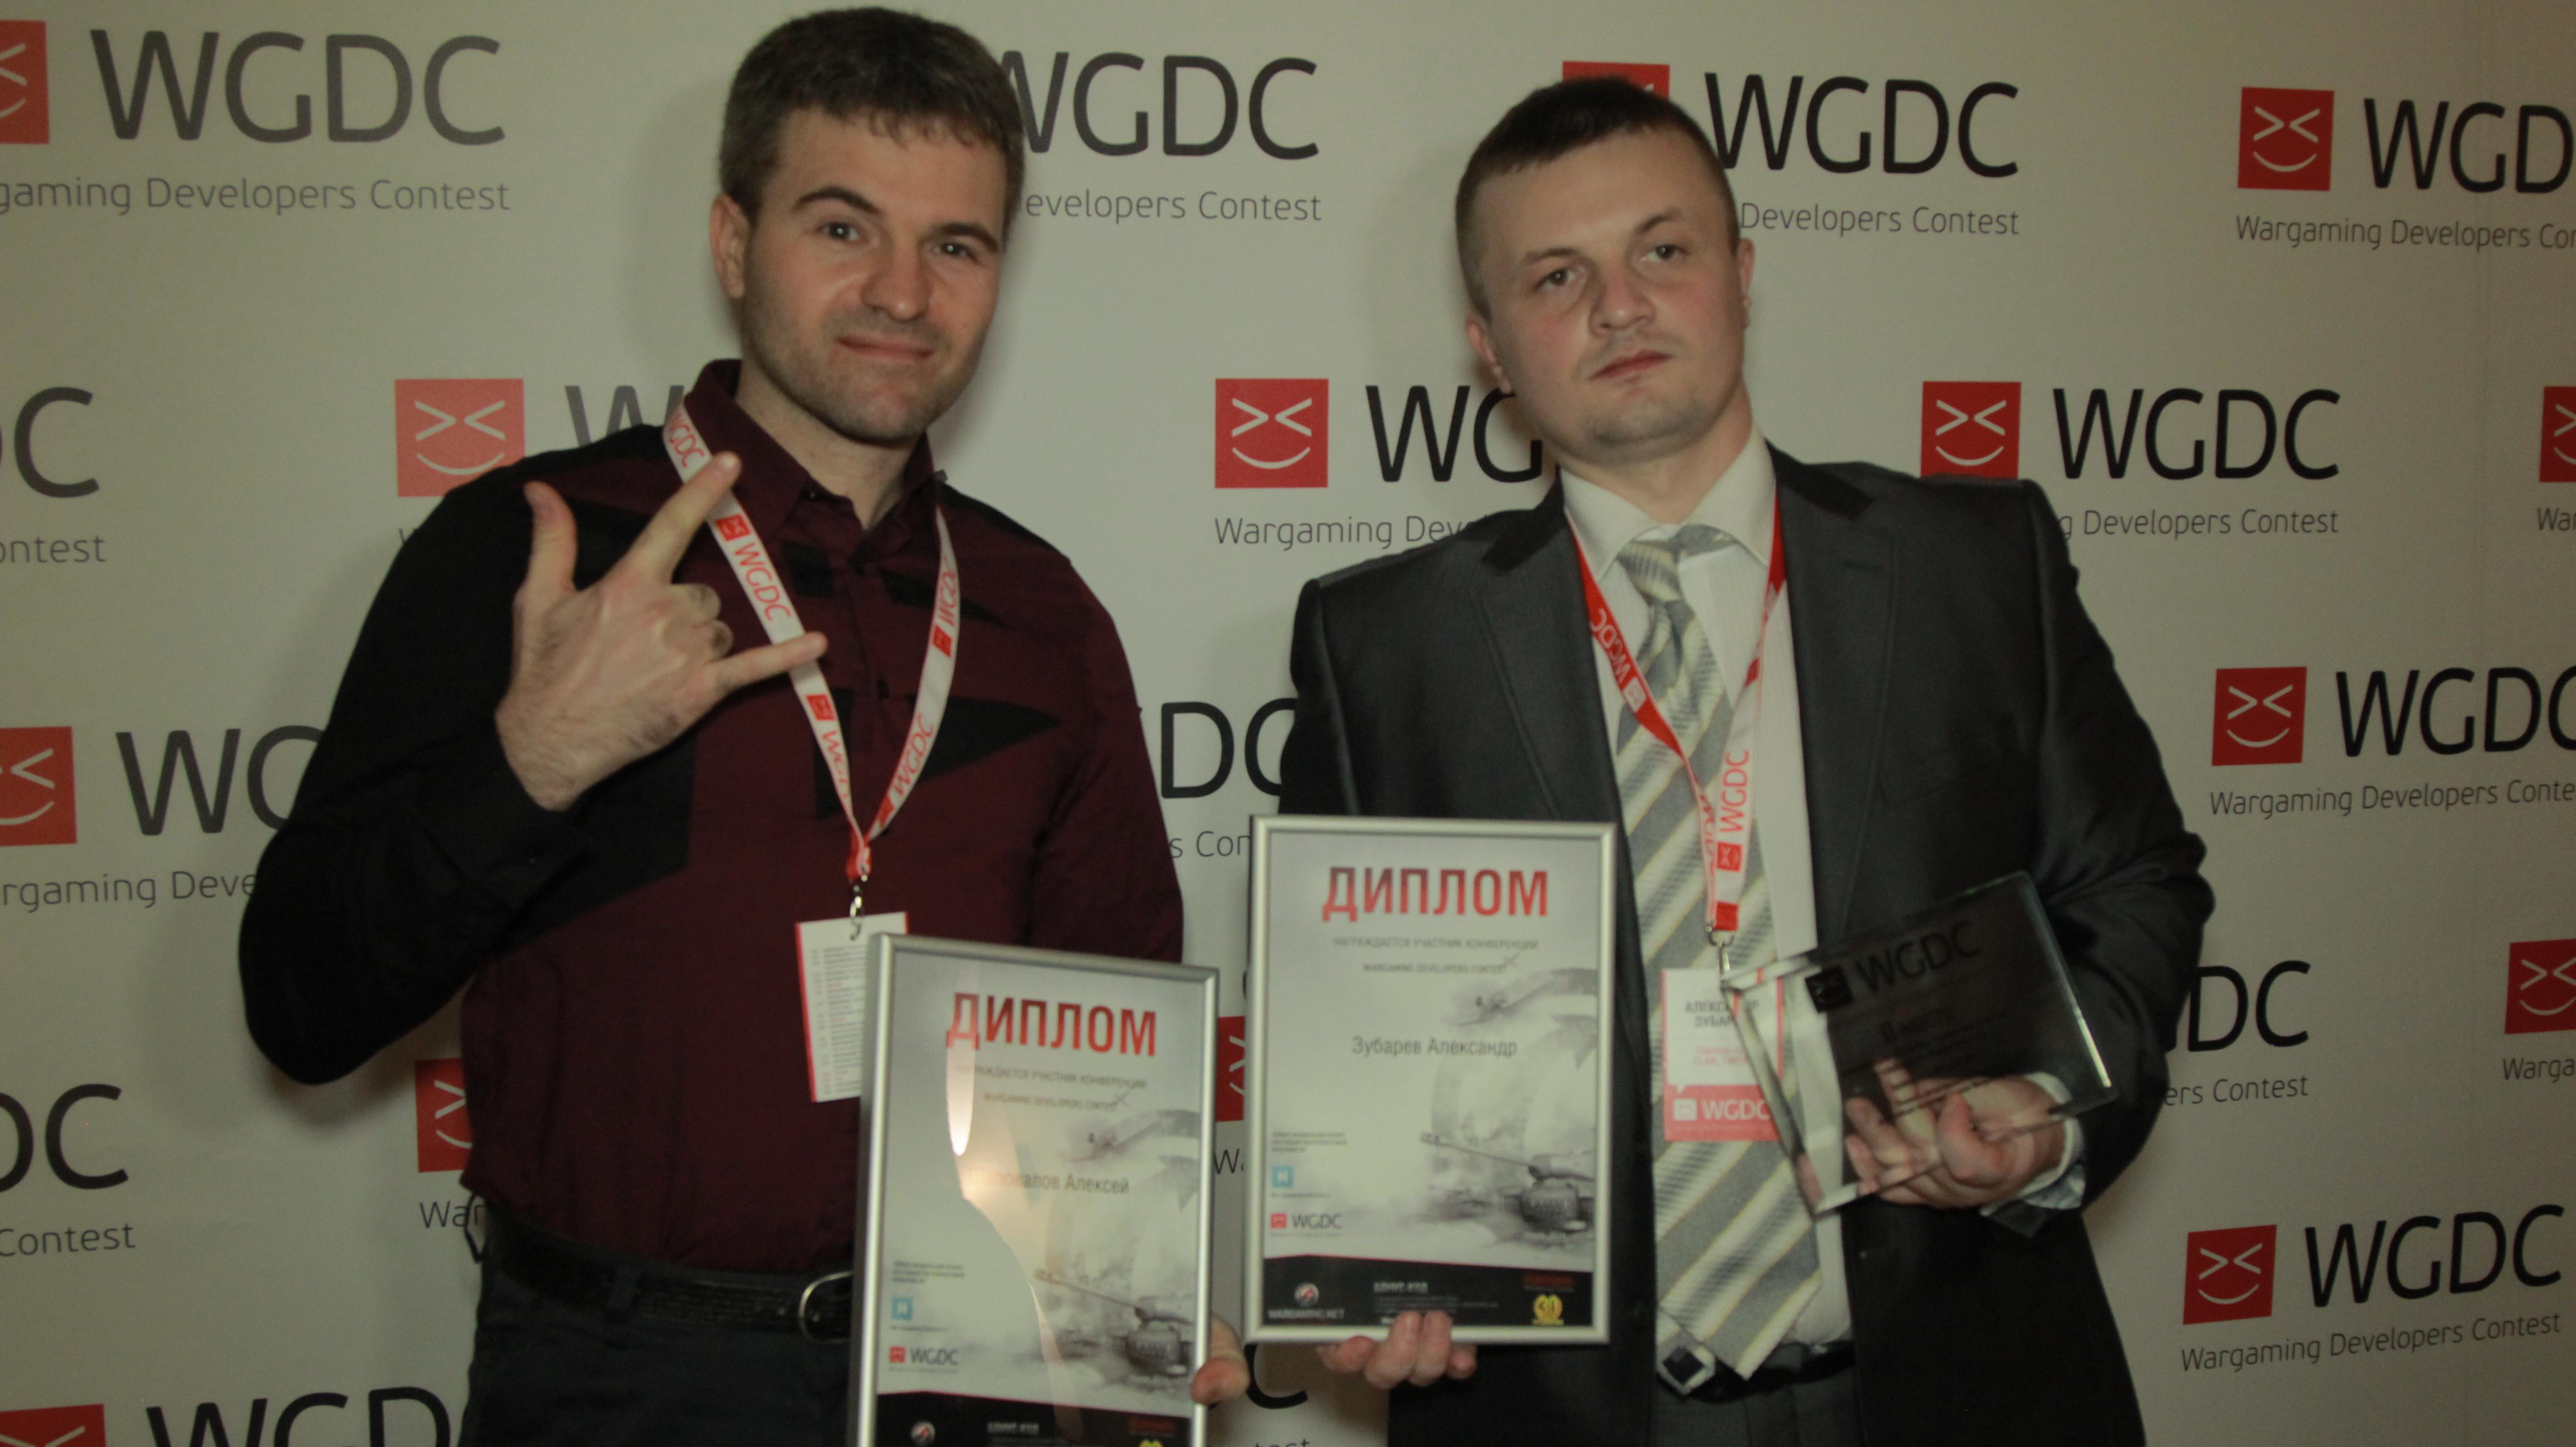 WGN_Photos_WGDC_Conference_Image_32